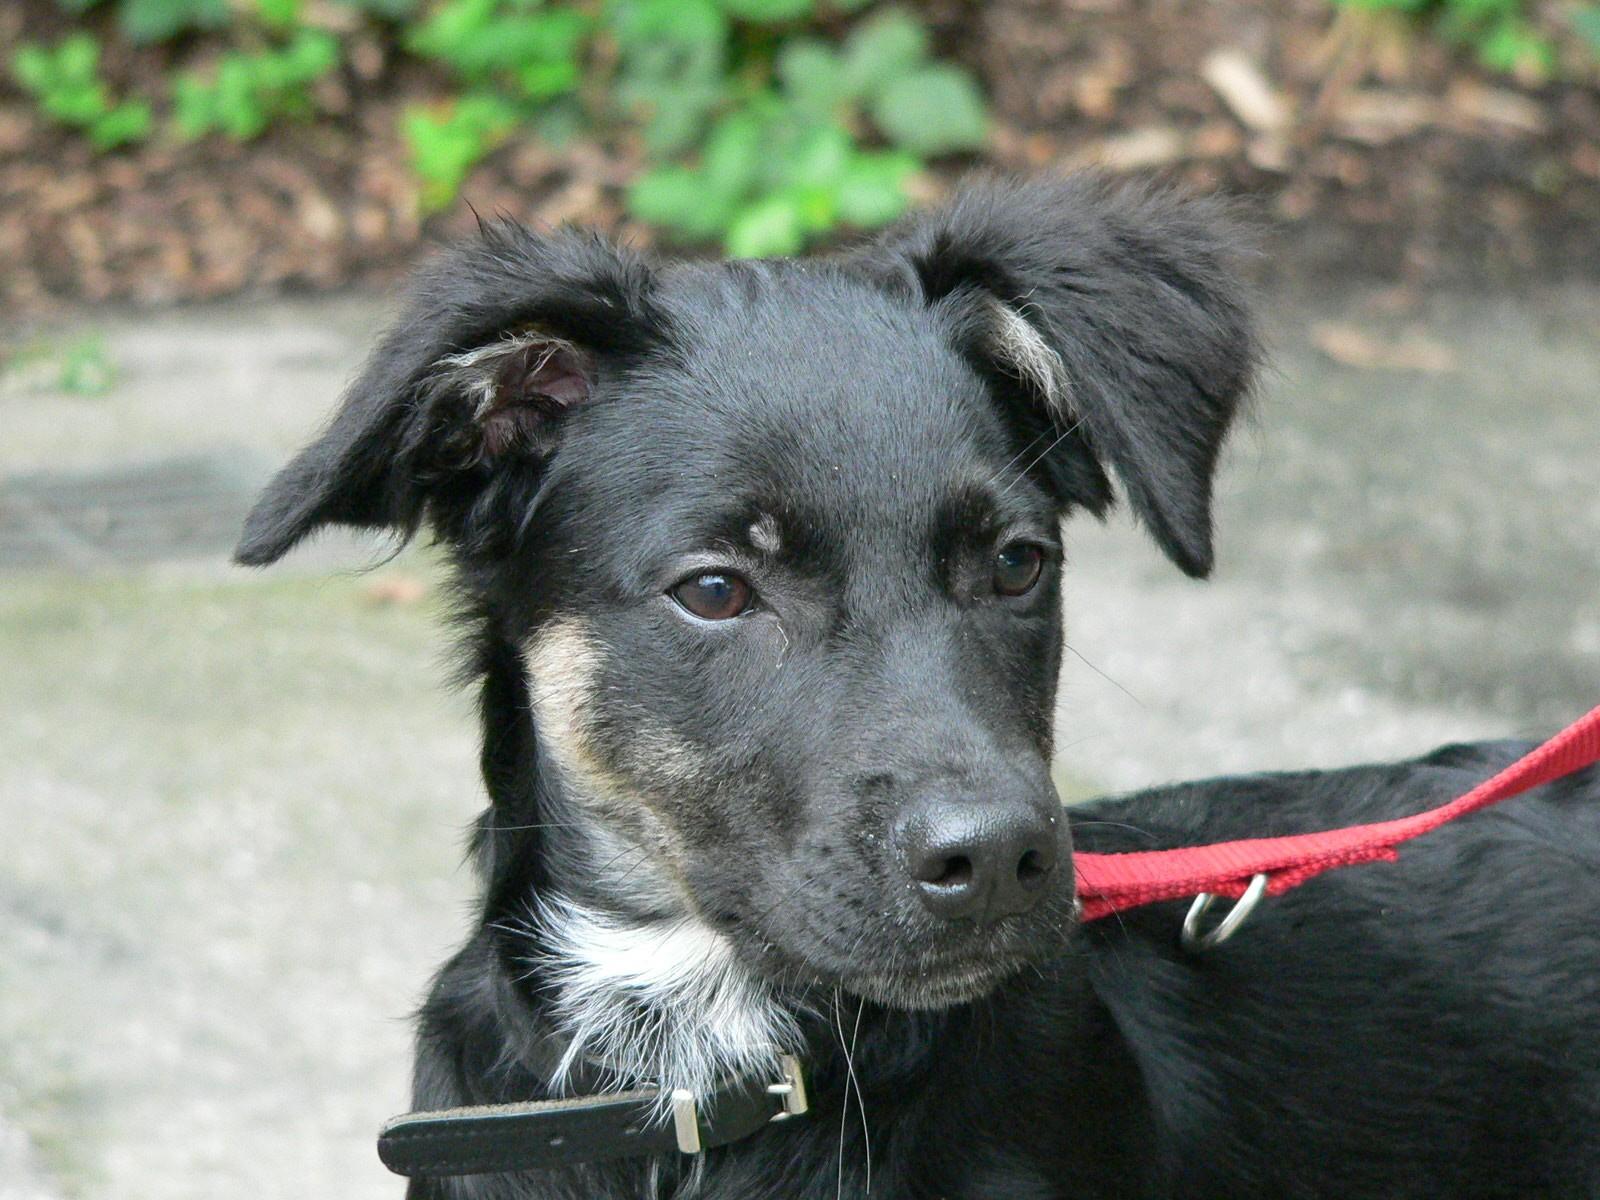 Hoera! Norah, de hond van Marianne, is dertien jaar geworden!